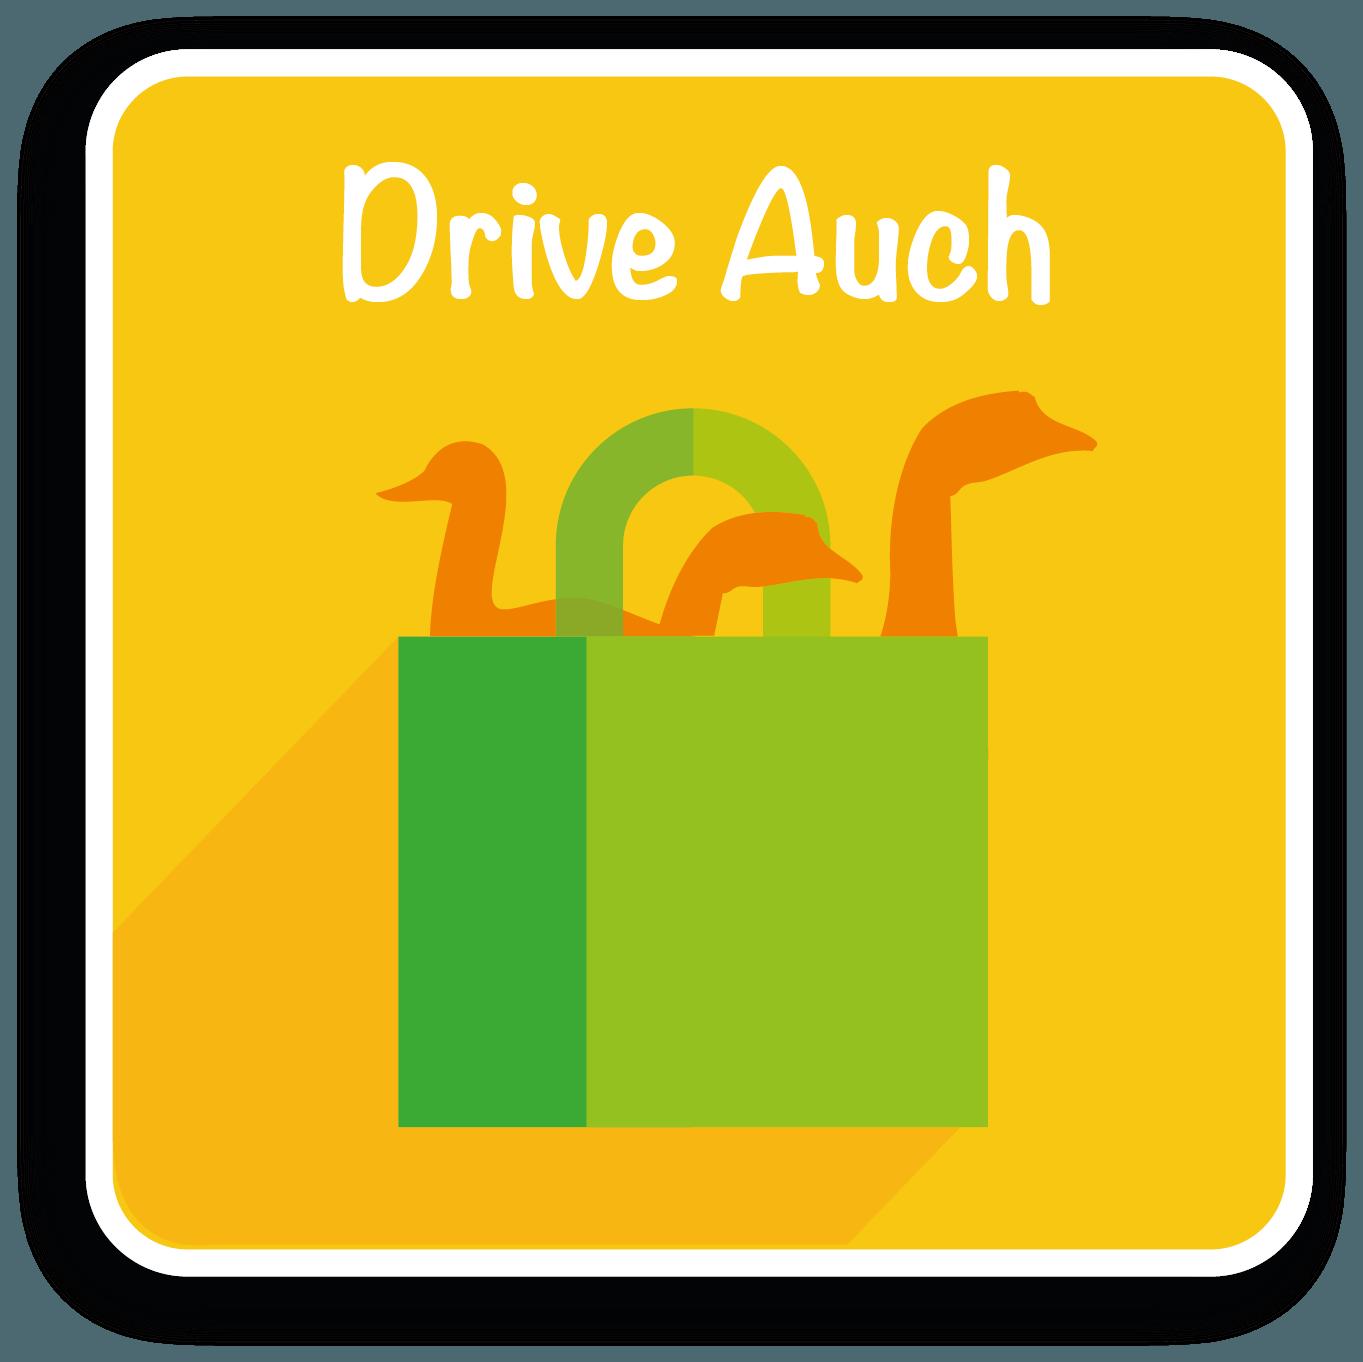 drive à Auch